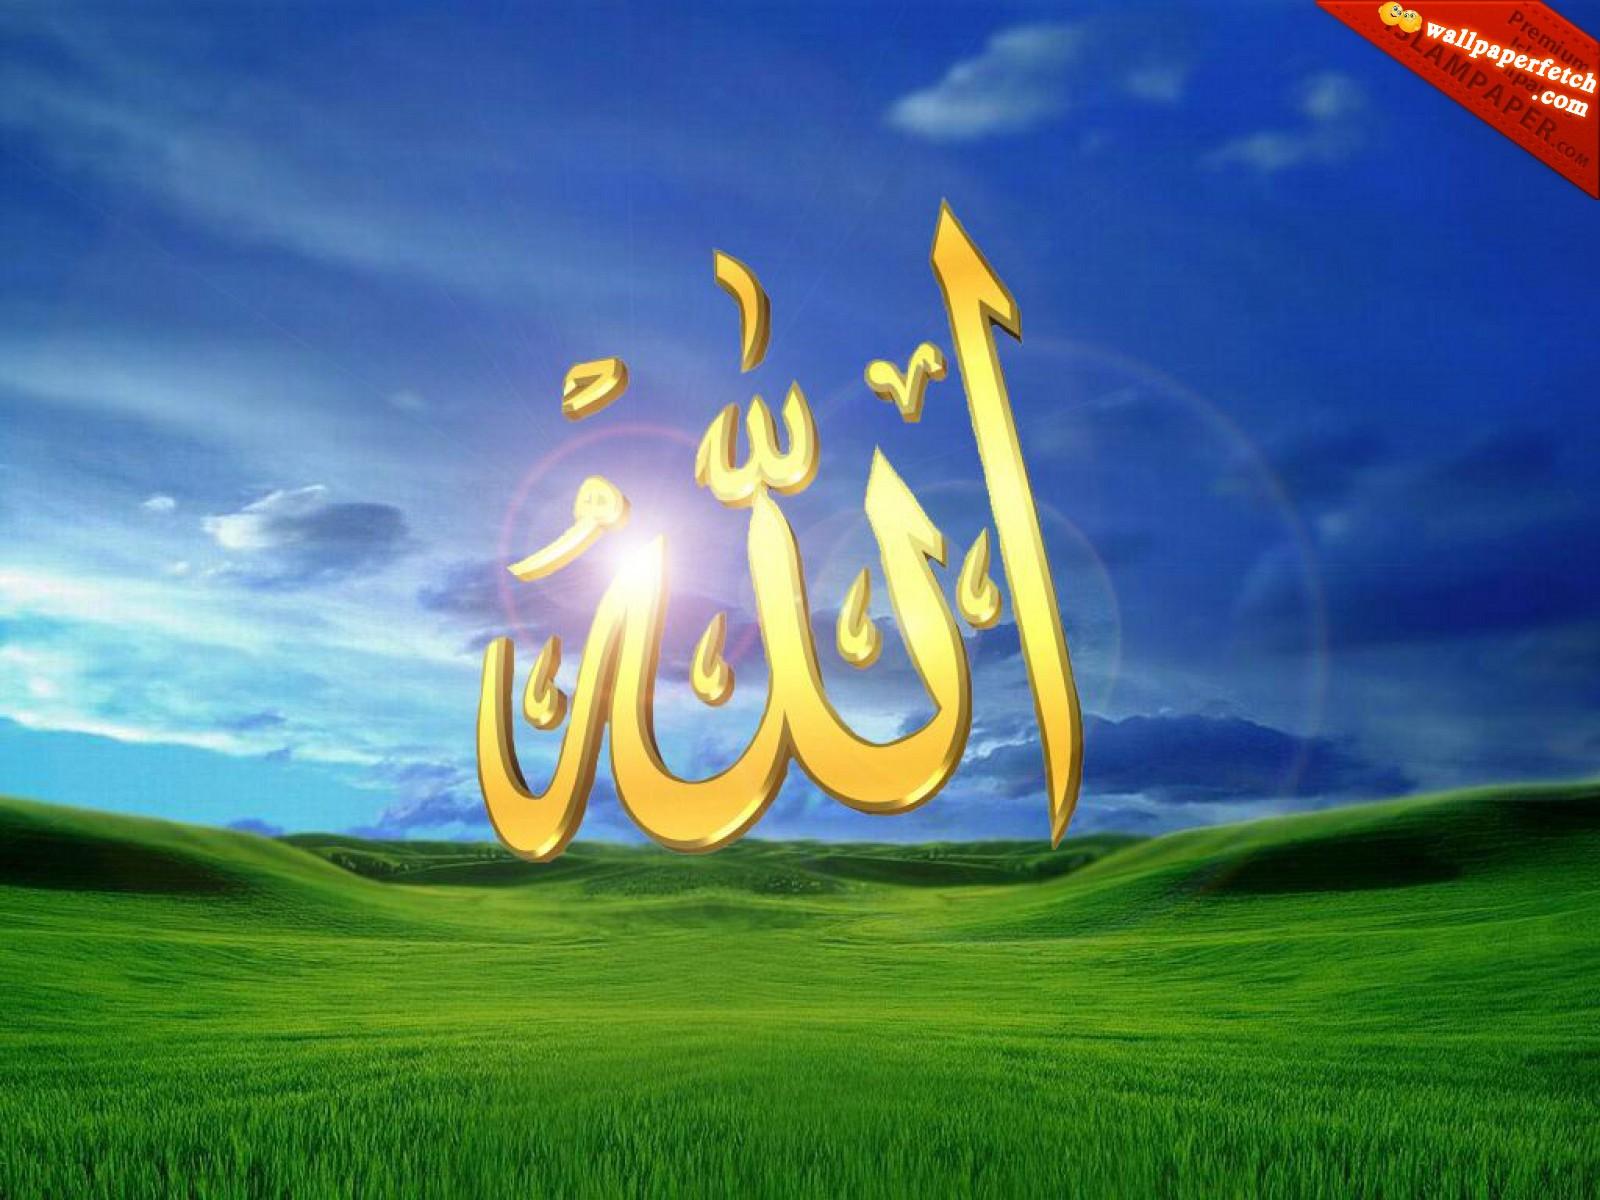 Картинки исламские с надписью аллах